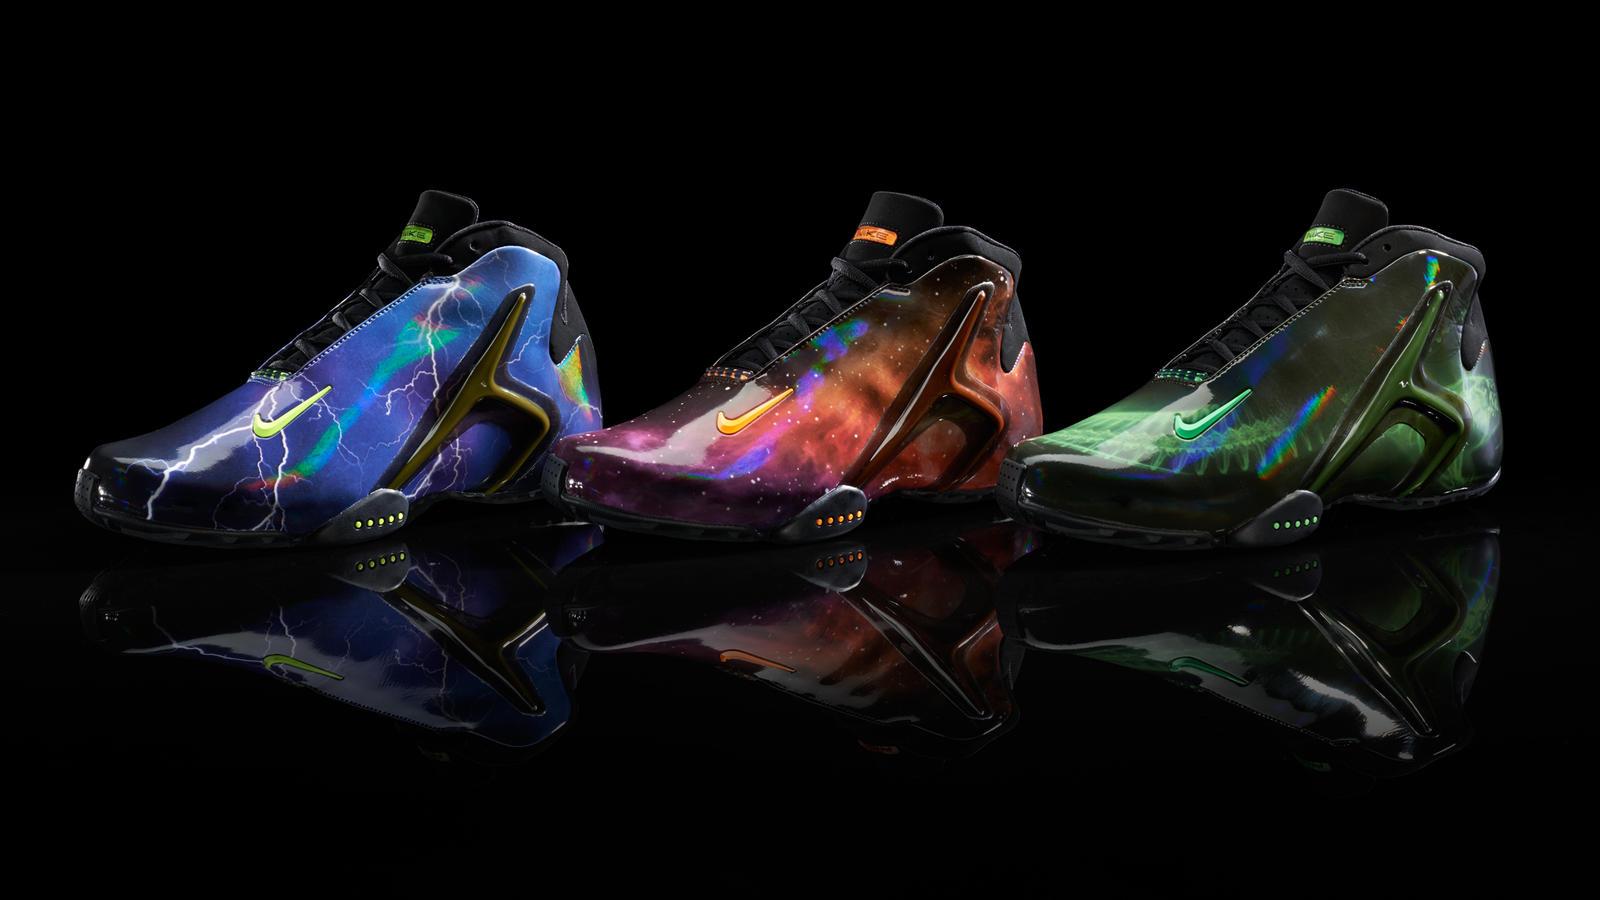 Nike Zoom Hyperflight PRM Lighting KD Superhero Pack